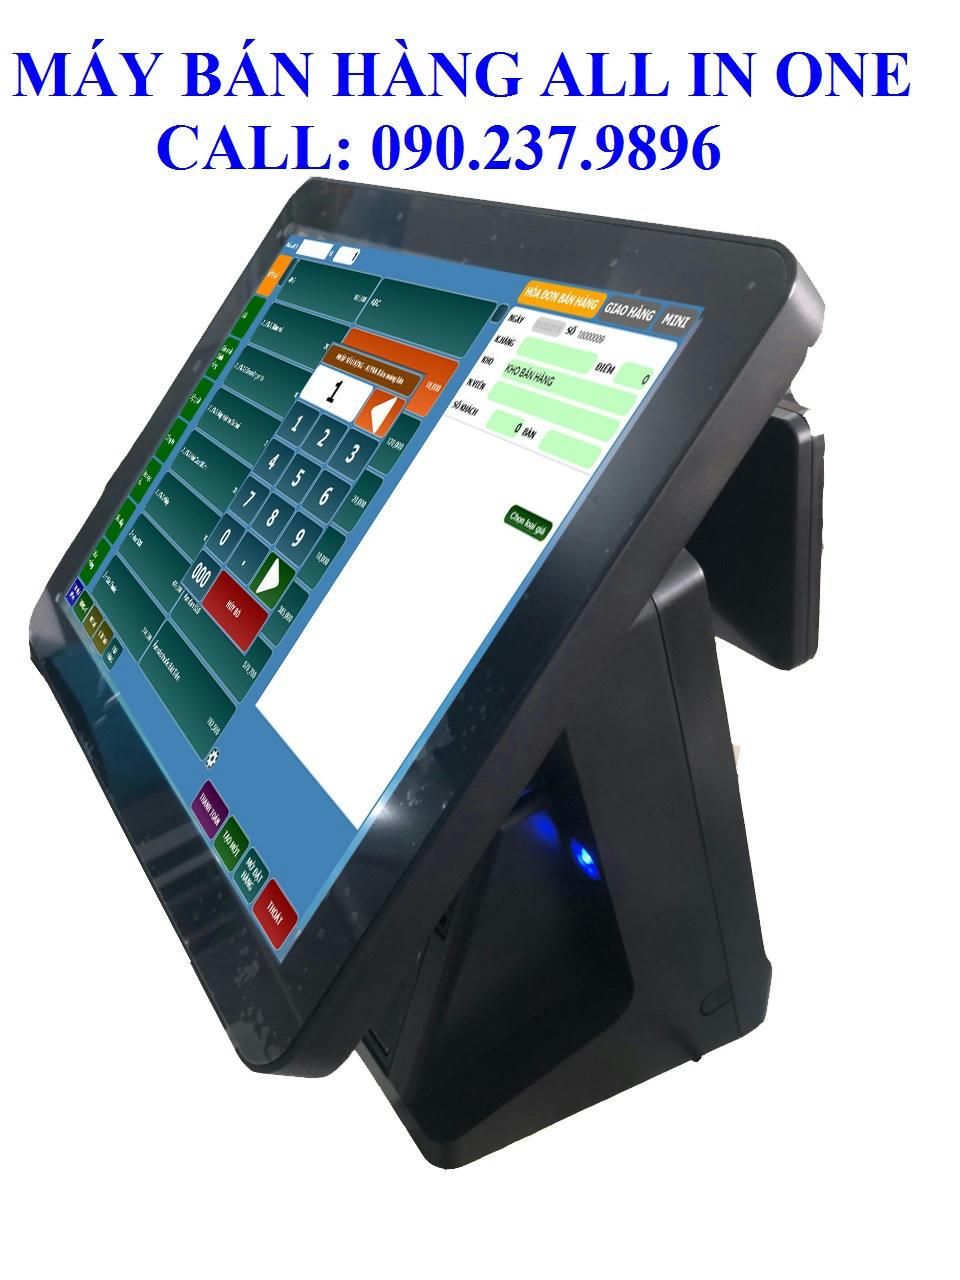 Bộ máy tính tiền all in one cho quán cafe tại Tiền Giang